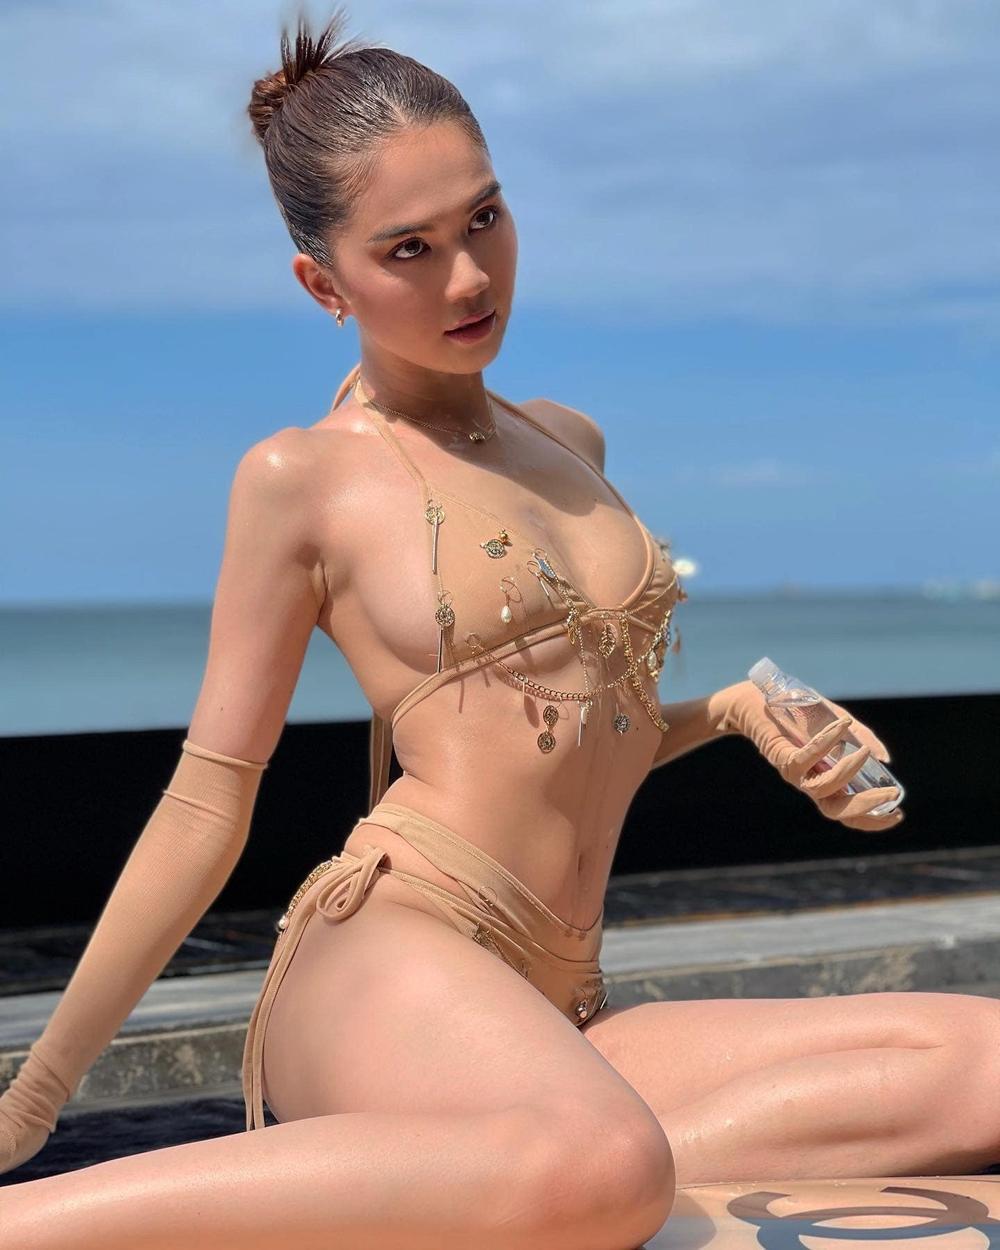 Ngọc Trinh: Hành trình từ Siêu mẫu Việt Nam đến nữ hoàng nội y 'bất bại' Ảnh 19